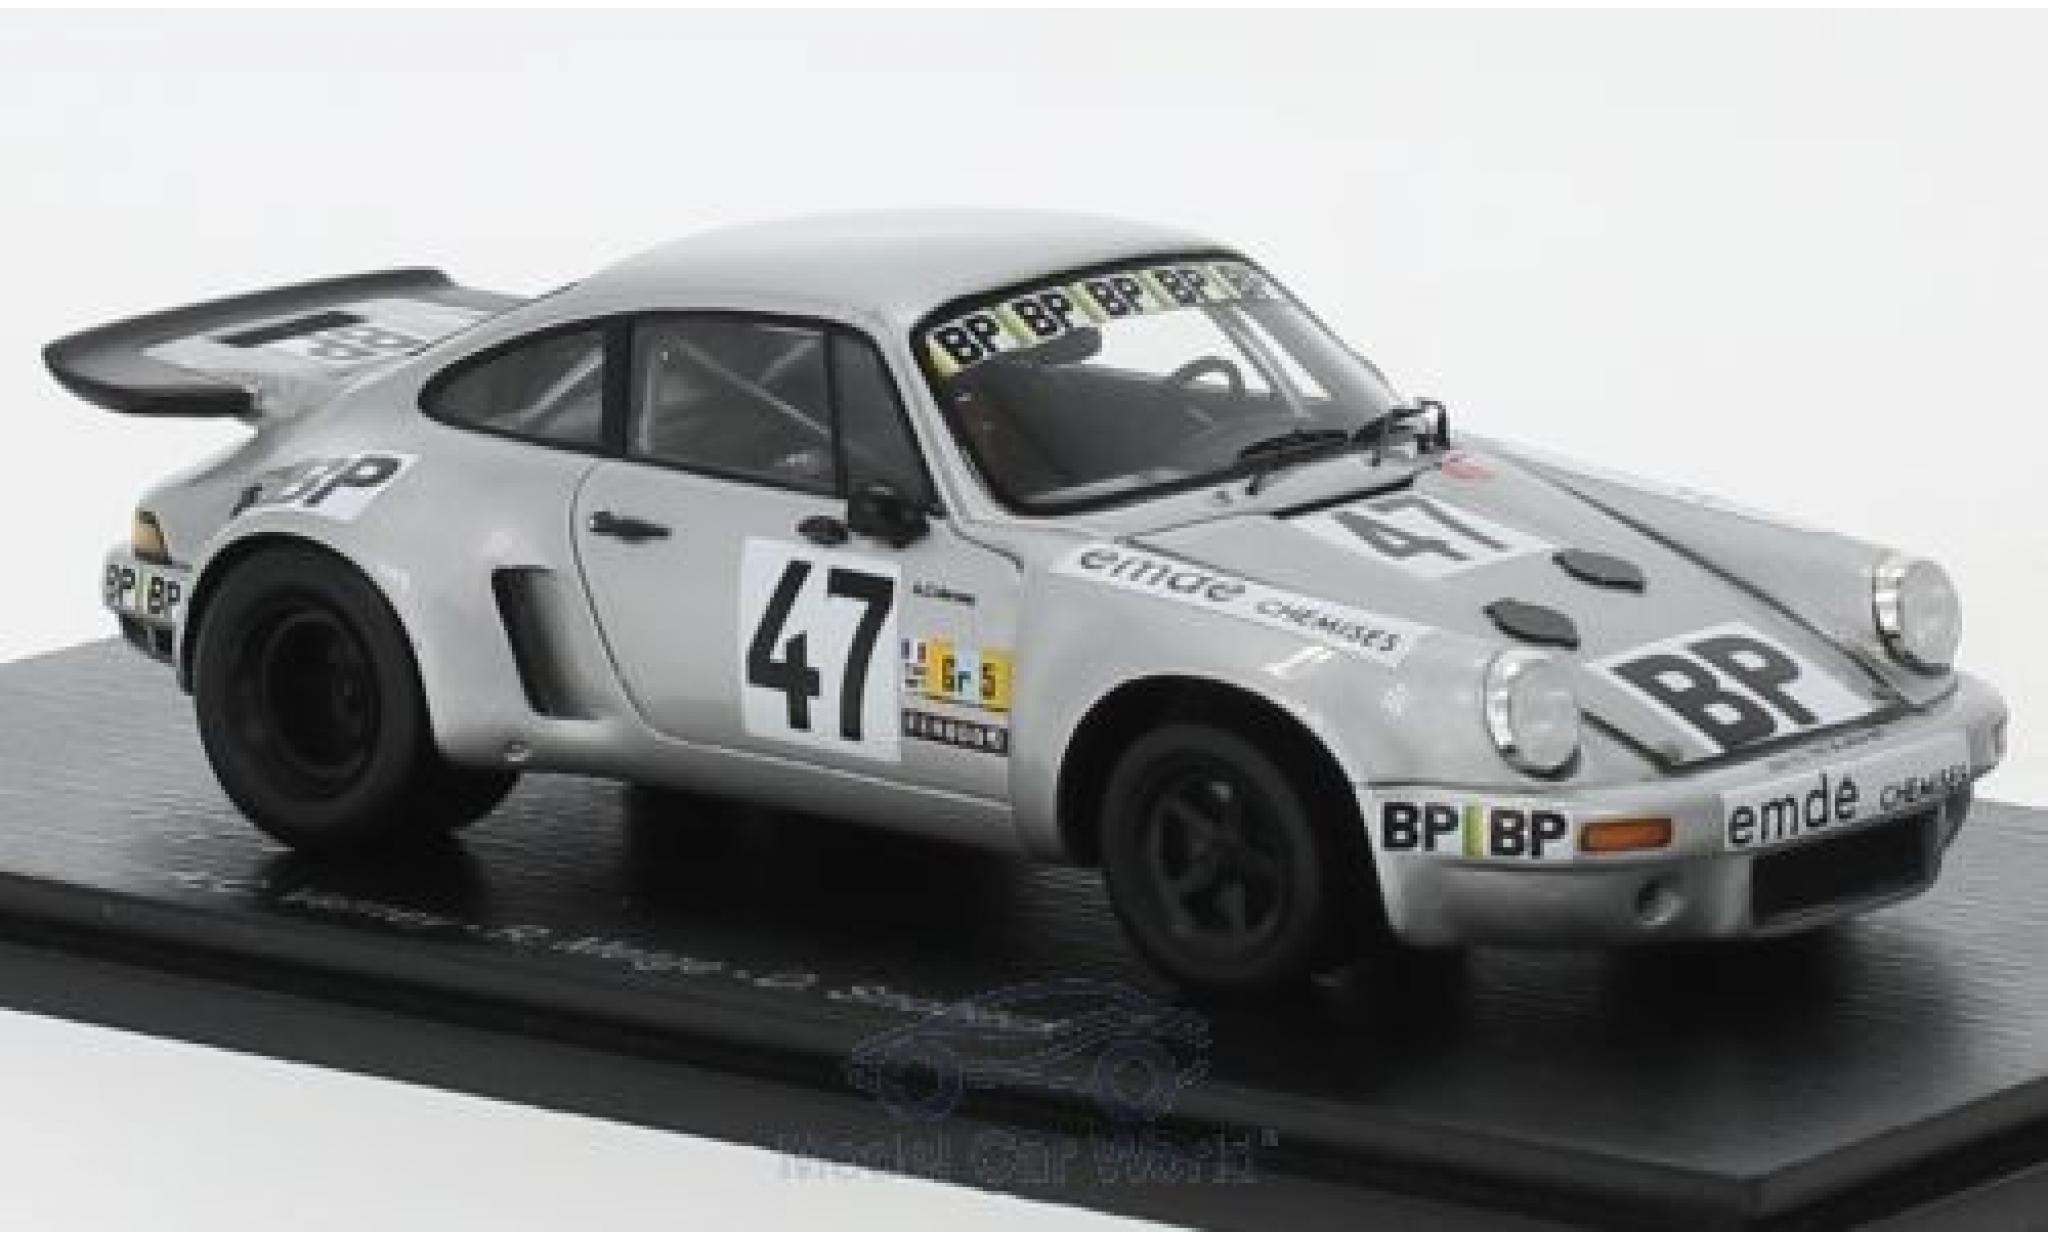 Porsche 930 RSR 1/43 Spark 911 No.47 24h Le Mans 1977 A.C.Verney/R.Metge/D.Snobeck/H.Striebig